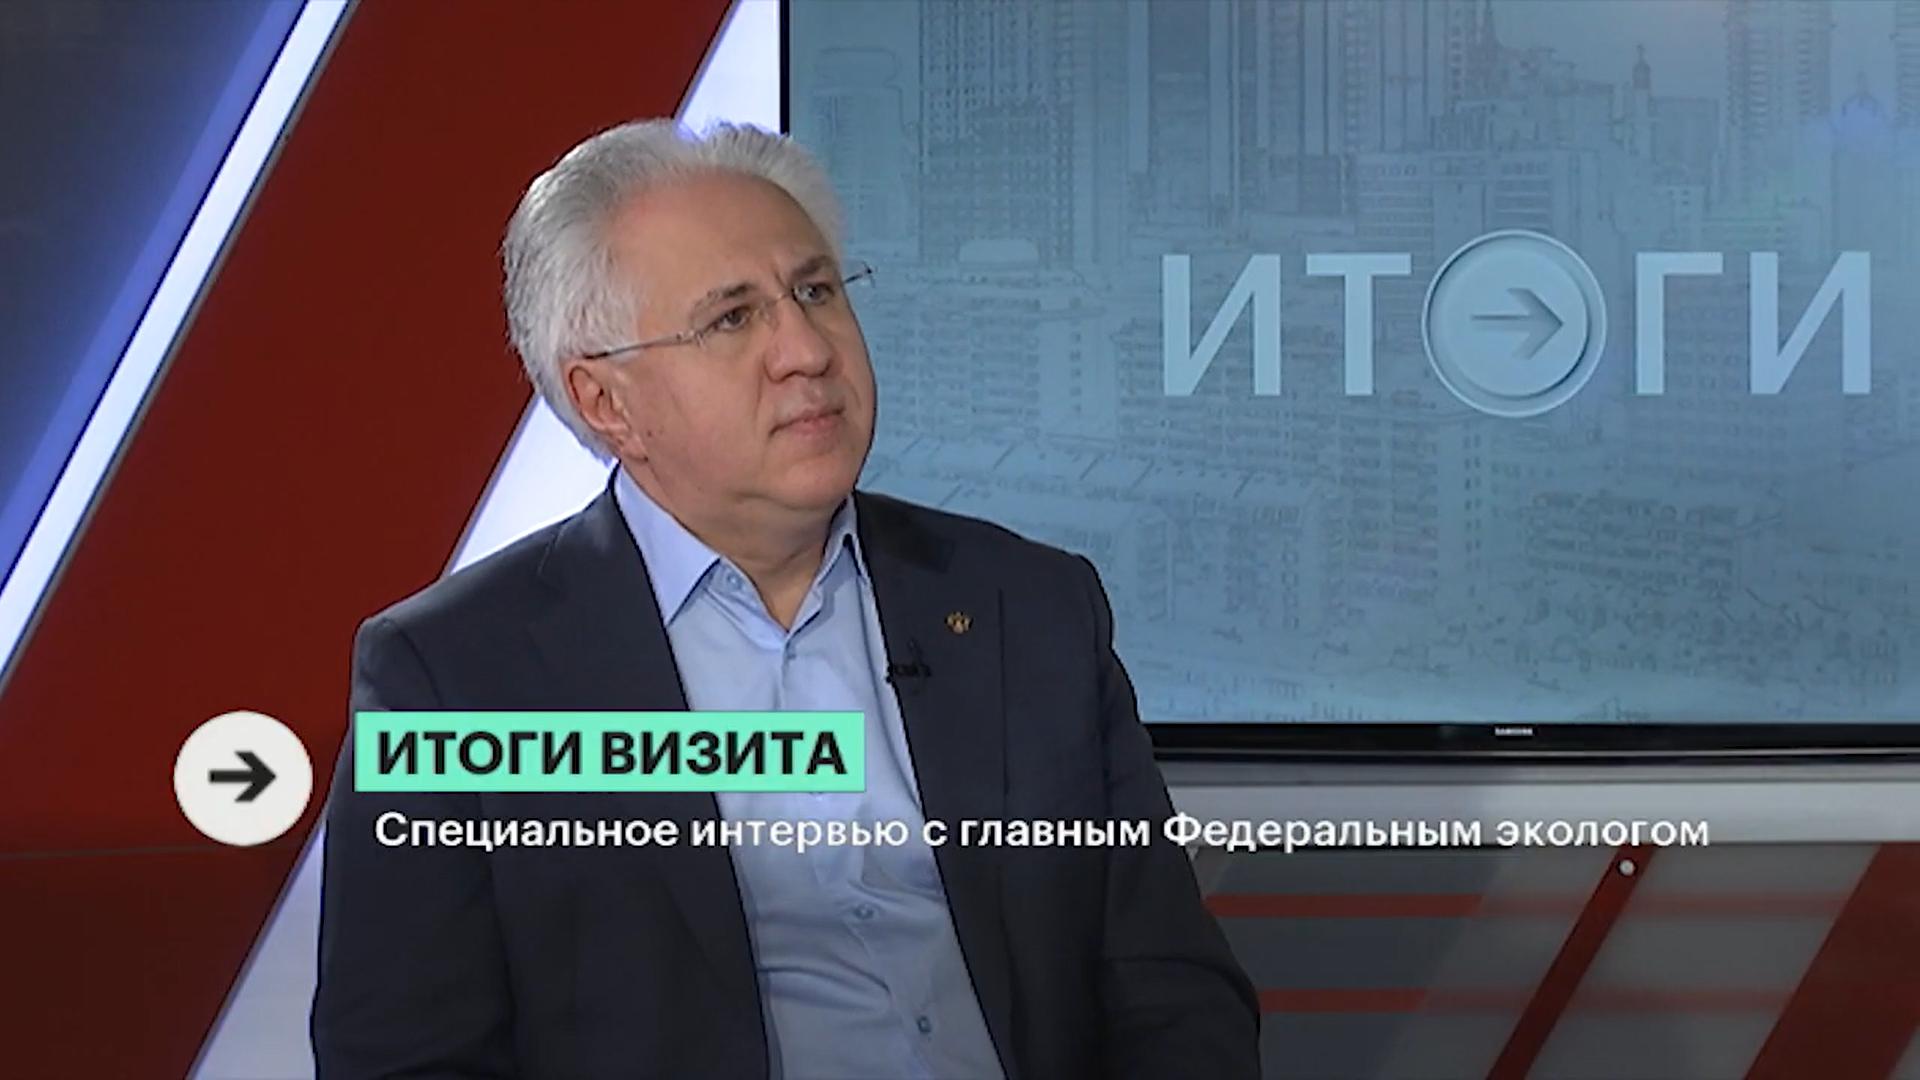 Глава Российского экологического общества Рашид Исмаилов дал интервью телекомпании РБК-Пермь